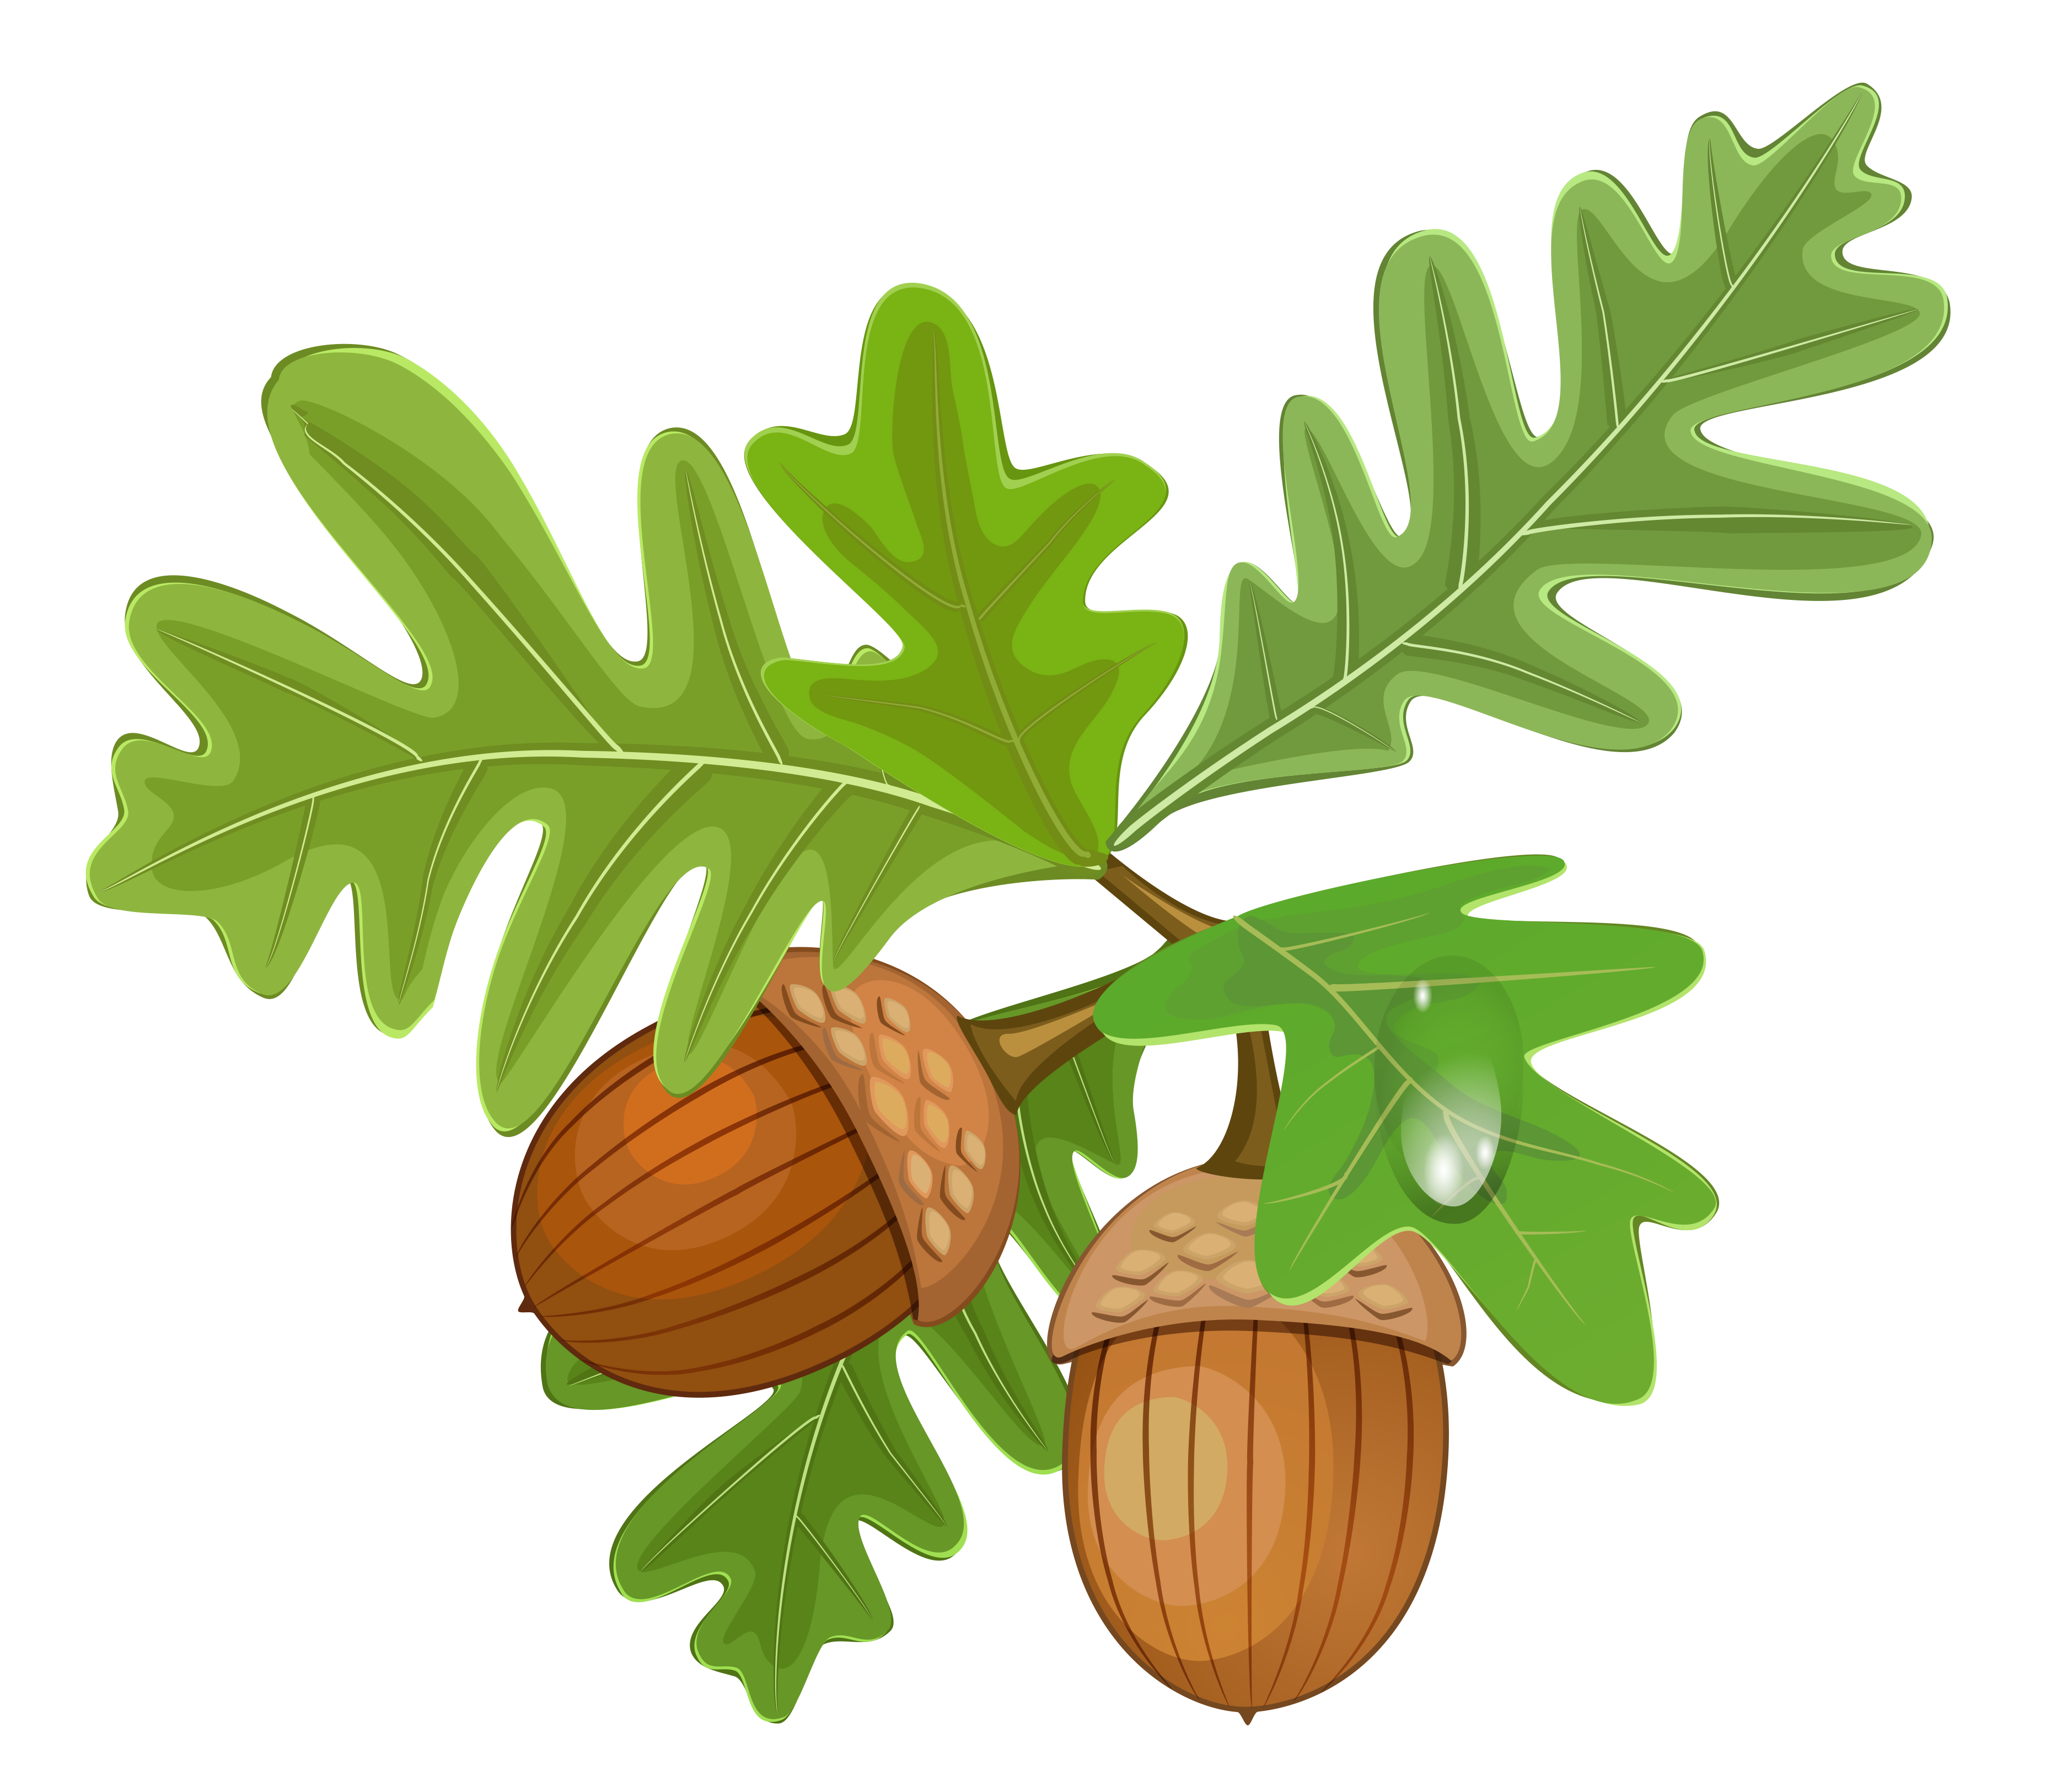 Nut clipart acron. Acorn png image purepng